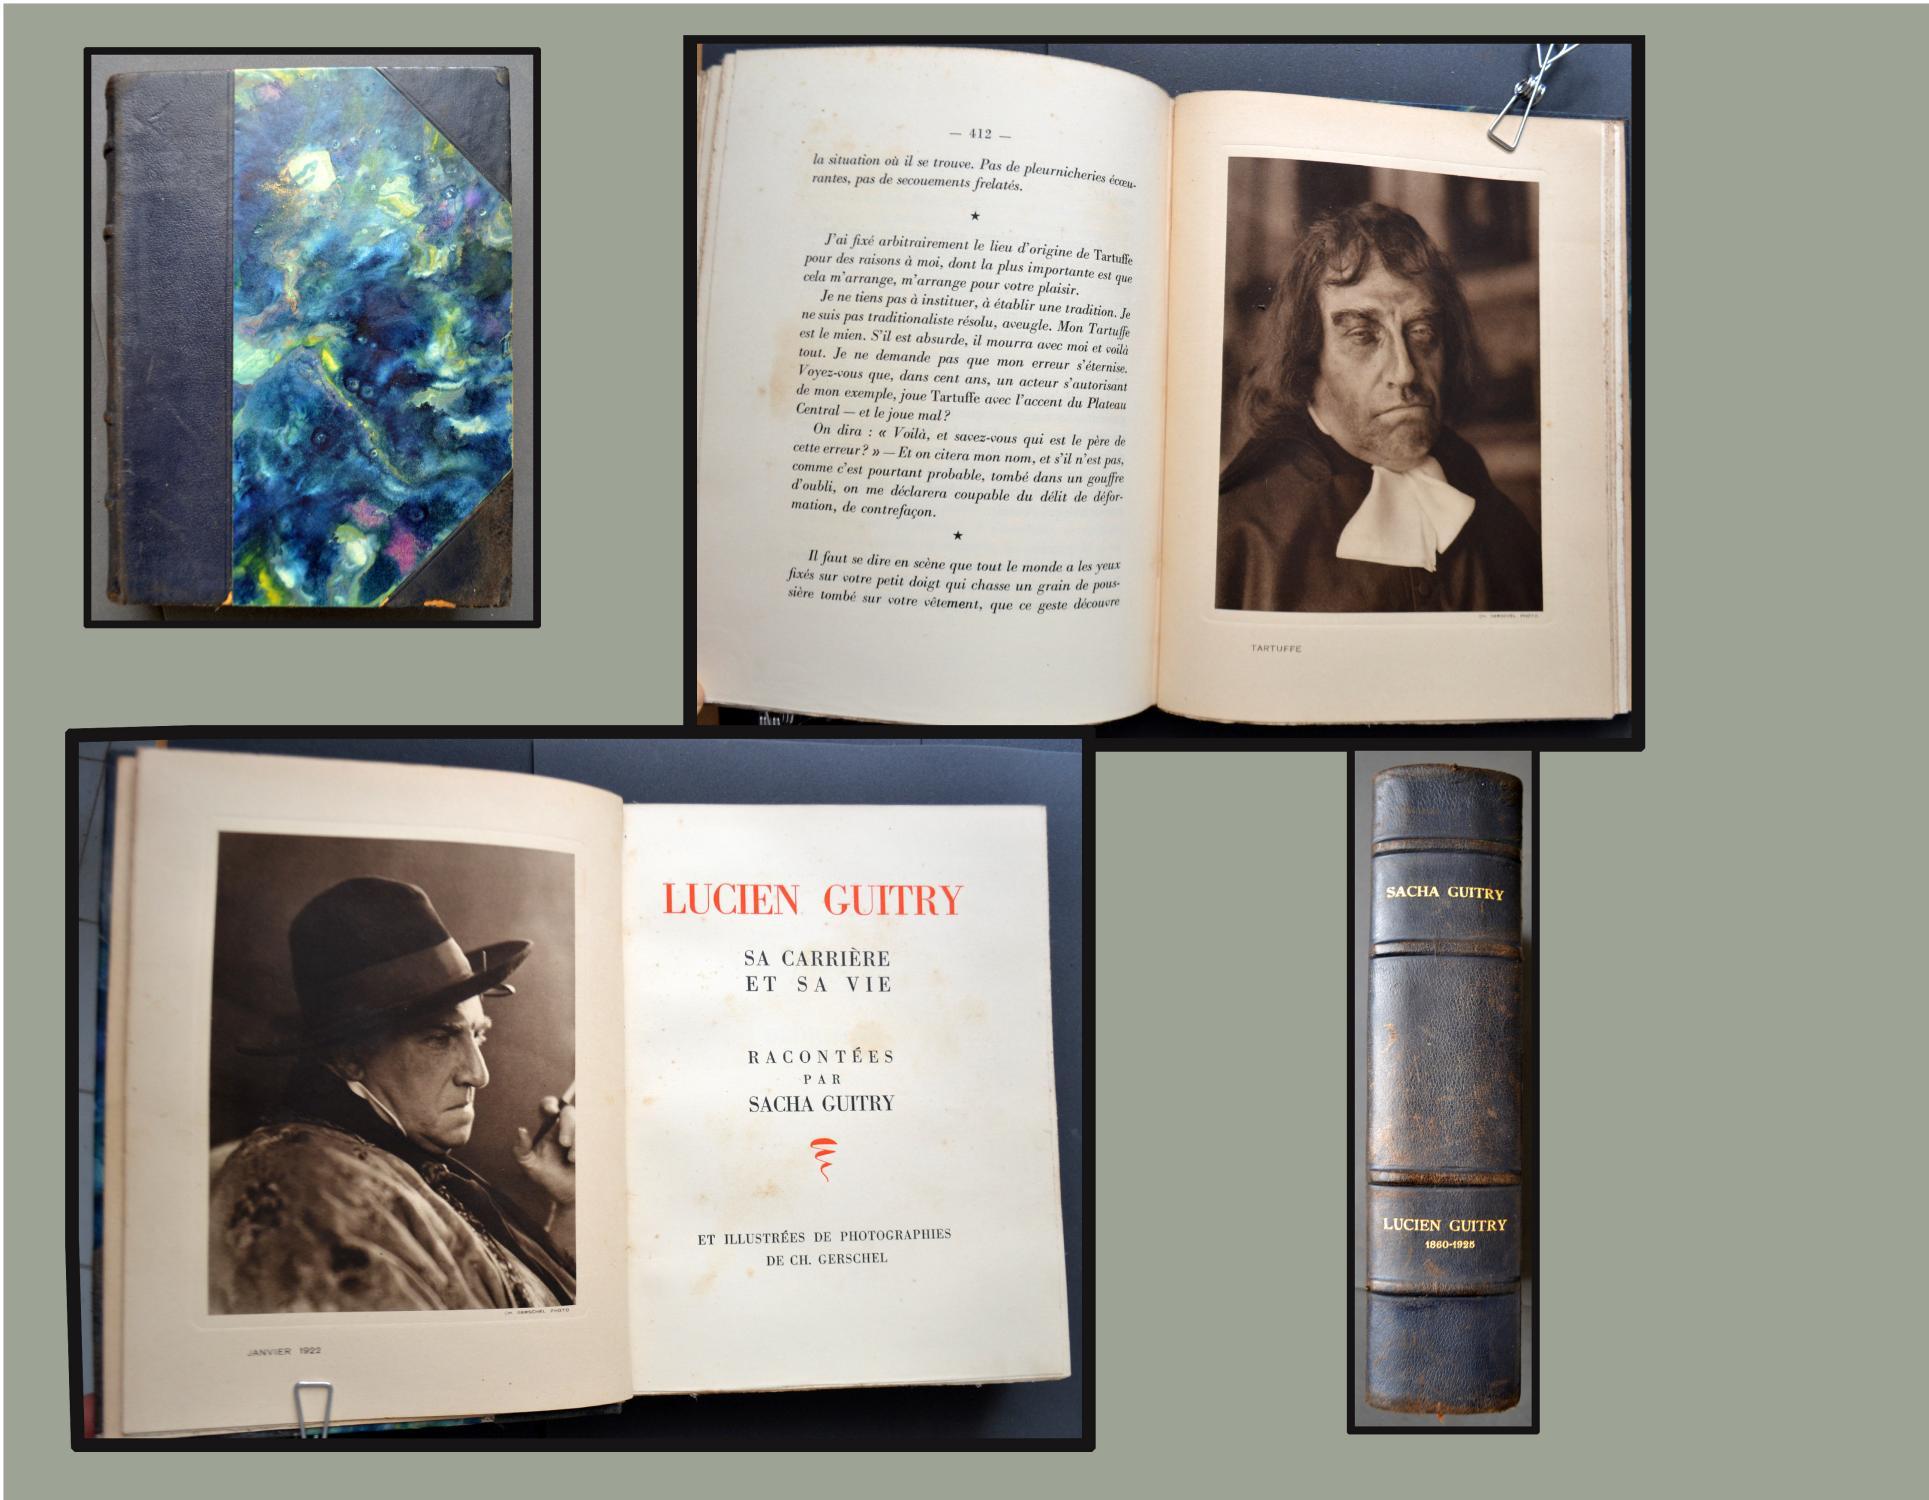 Lucien Guitry, sa carrière et sa vie. Racontées par Sacha Guitry et illustrées de photographies de Ch. Gerschel.